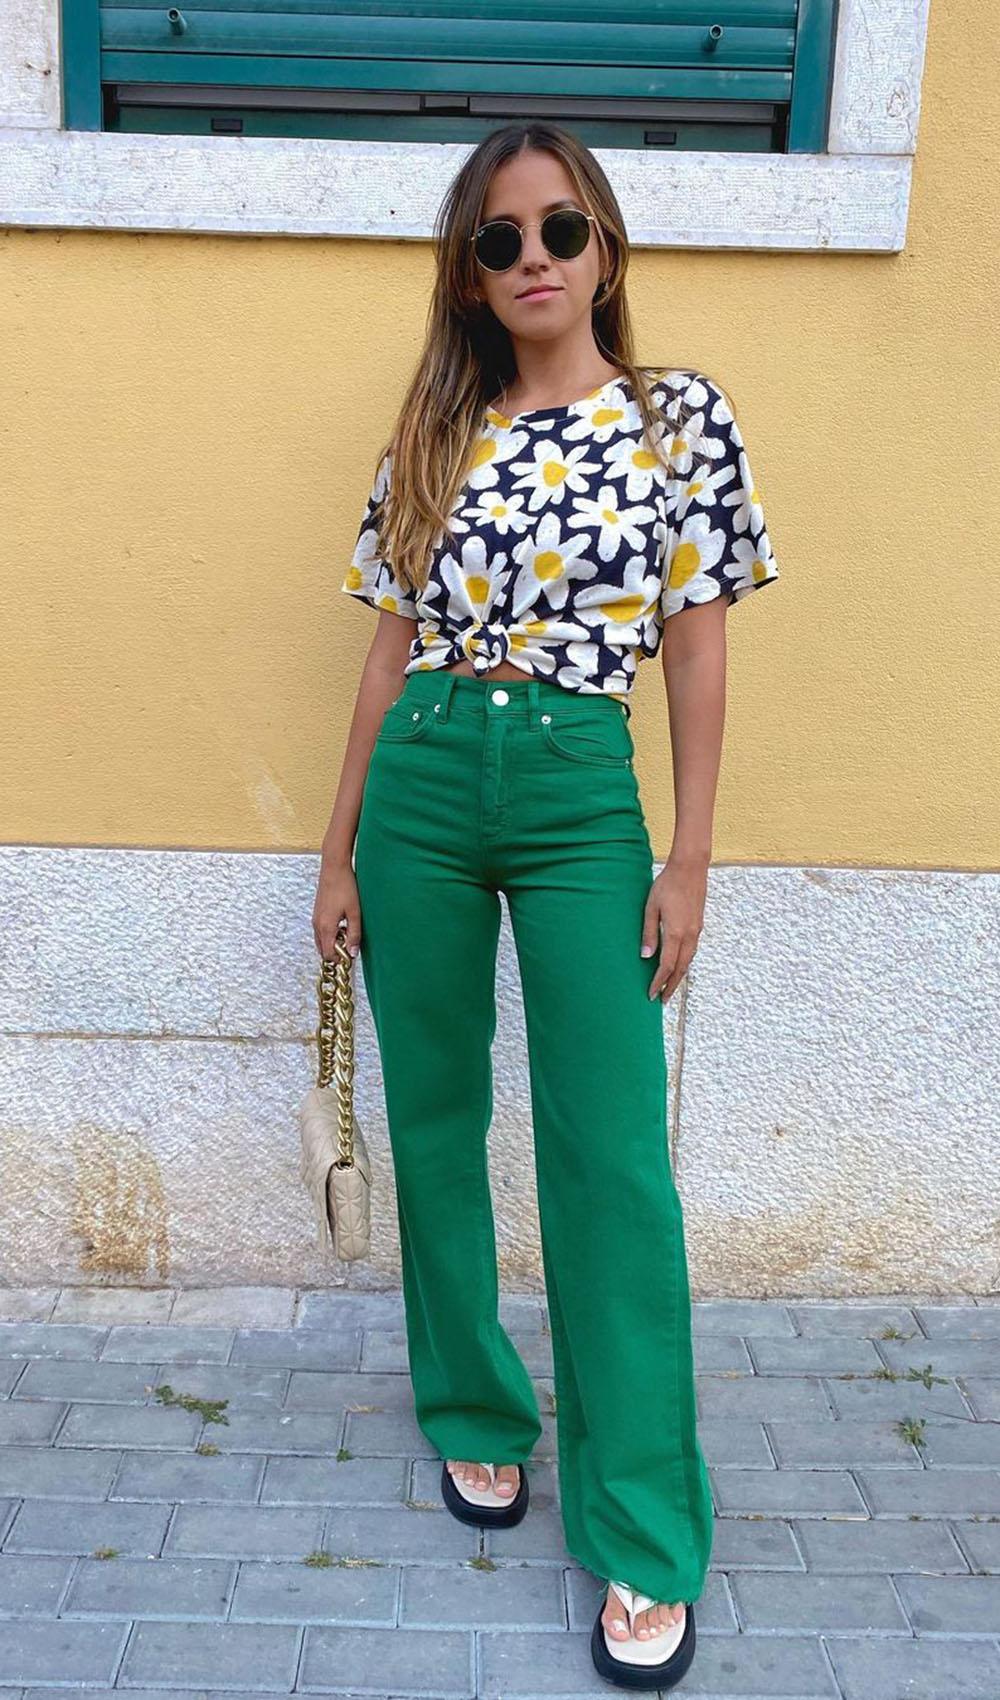 blusa flroal e calça verde na primavera